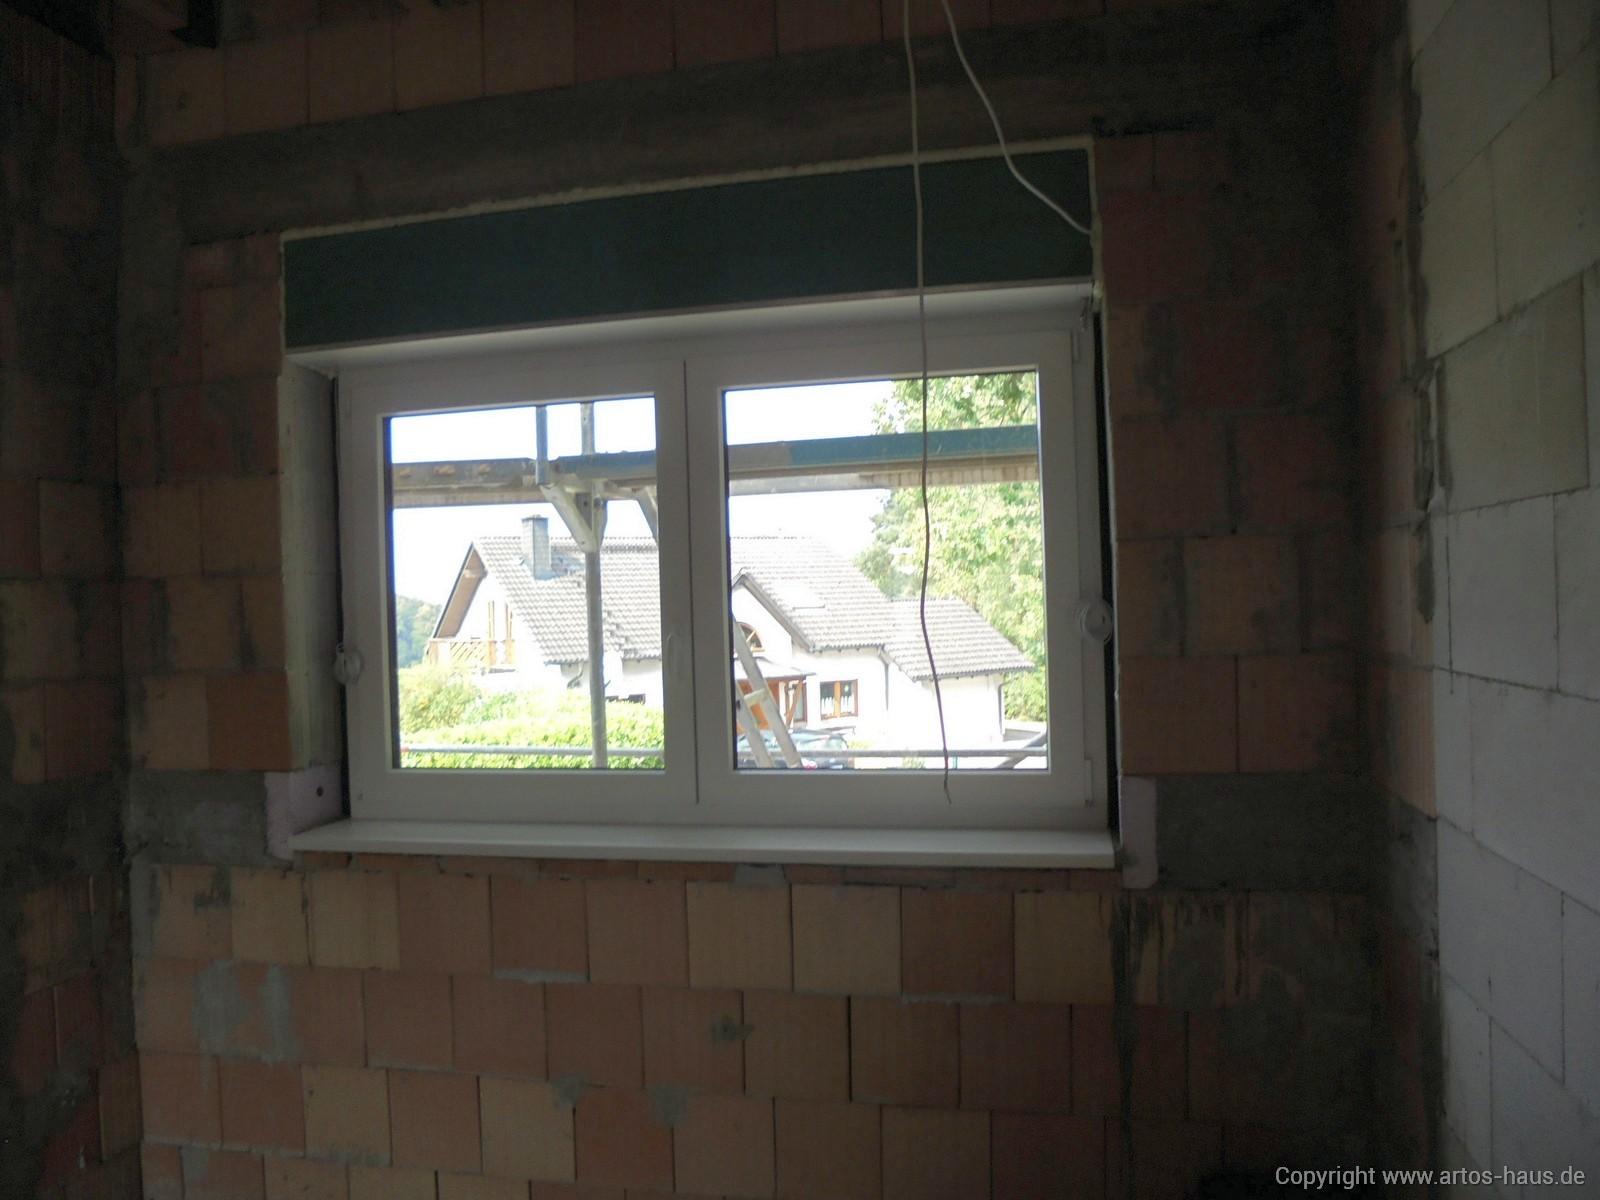 artos-haus-bv-einfamilienhaus-ruppichteroth-27